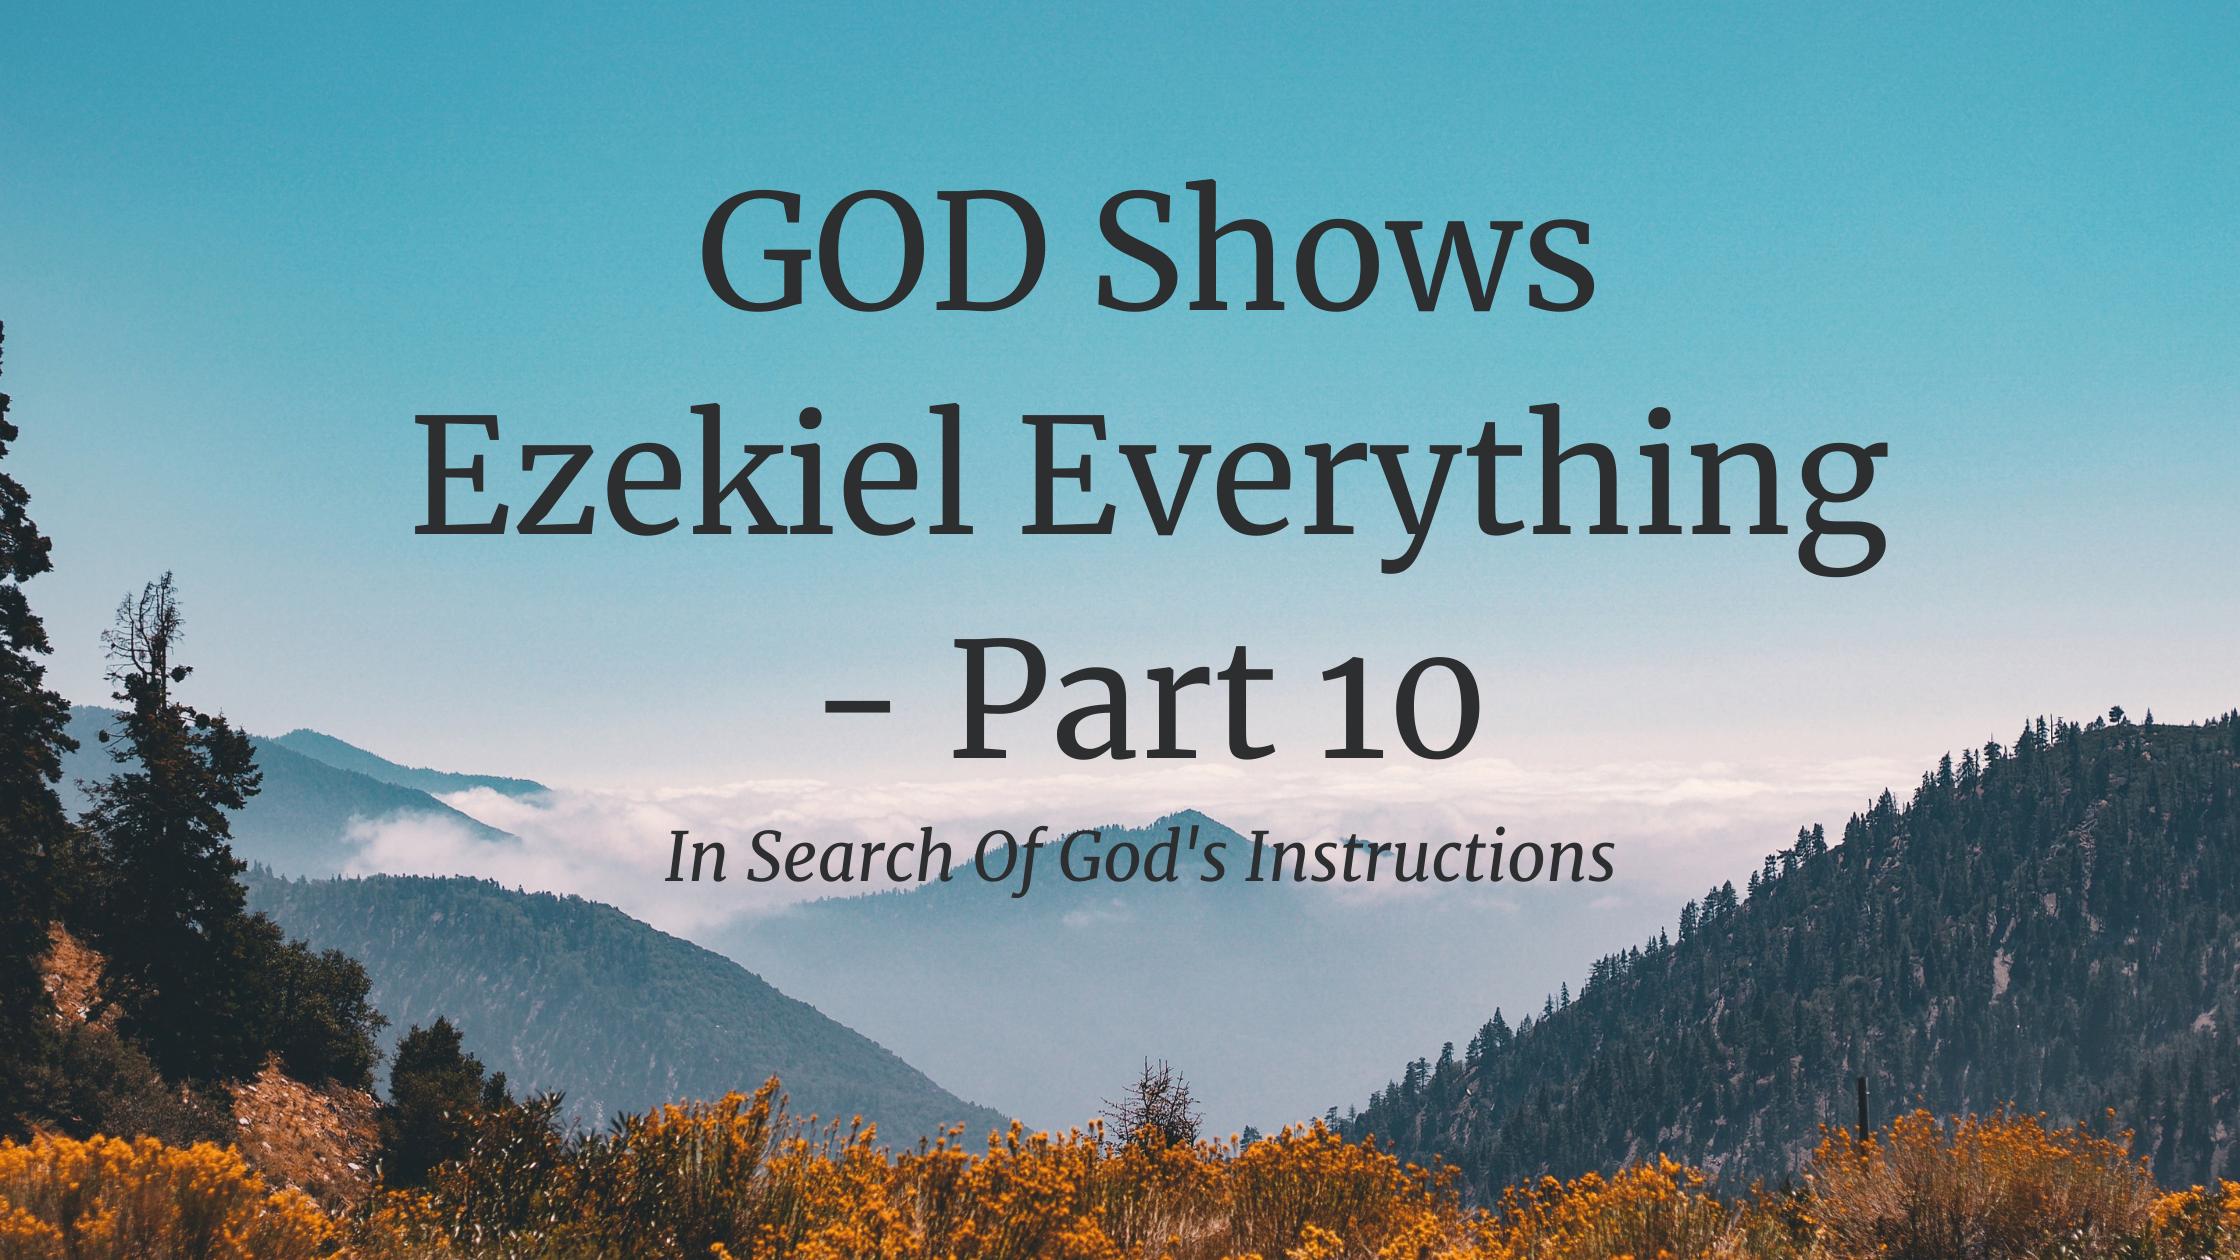 GOD-Shows-Ezekiel-Everything- Part-10/graphic